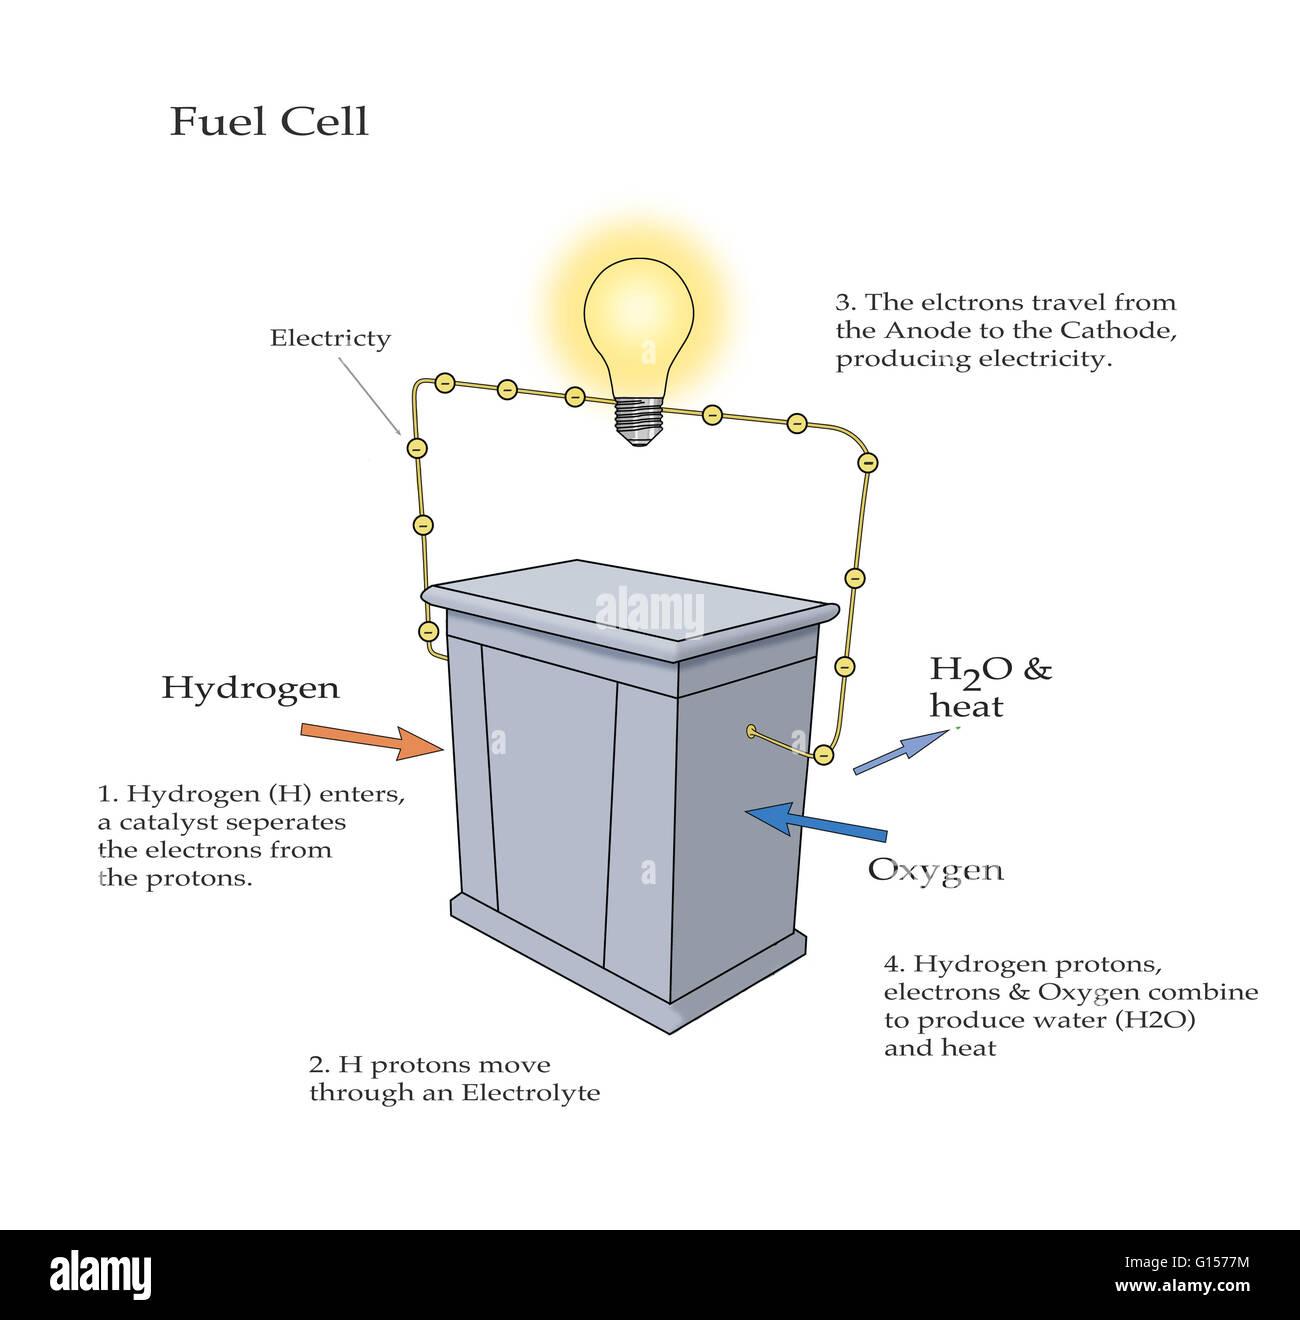 diagramm zur veranschaulichung wie eine brennstoffzelle nimmt in wasserstoff und sauerstoff und. Black Bedroom Furniture Sets. Home Design Ideas